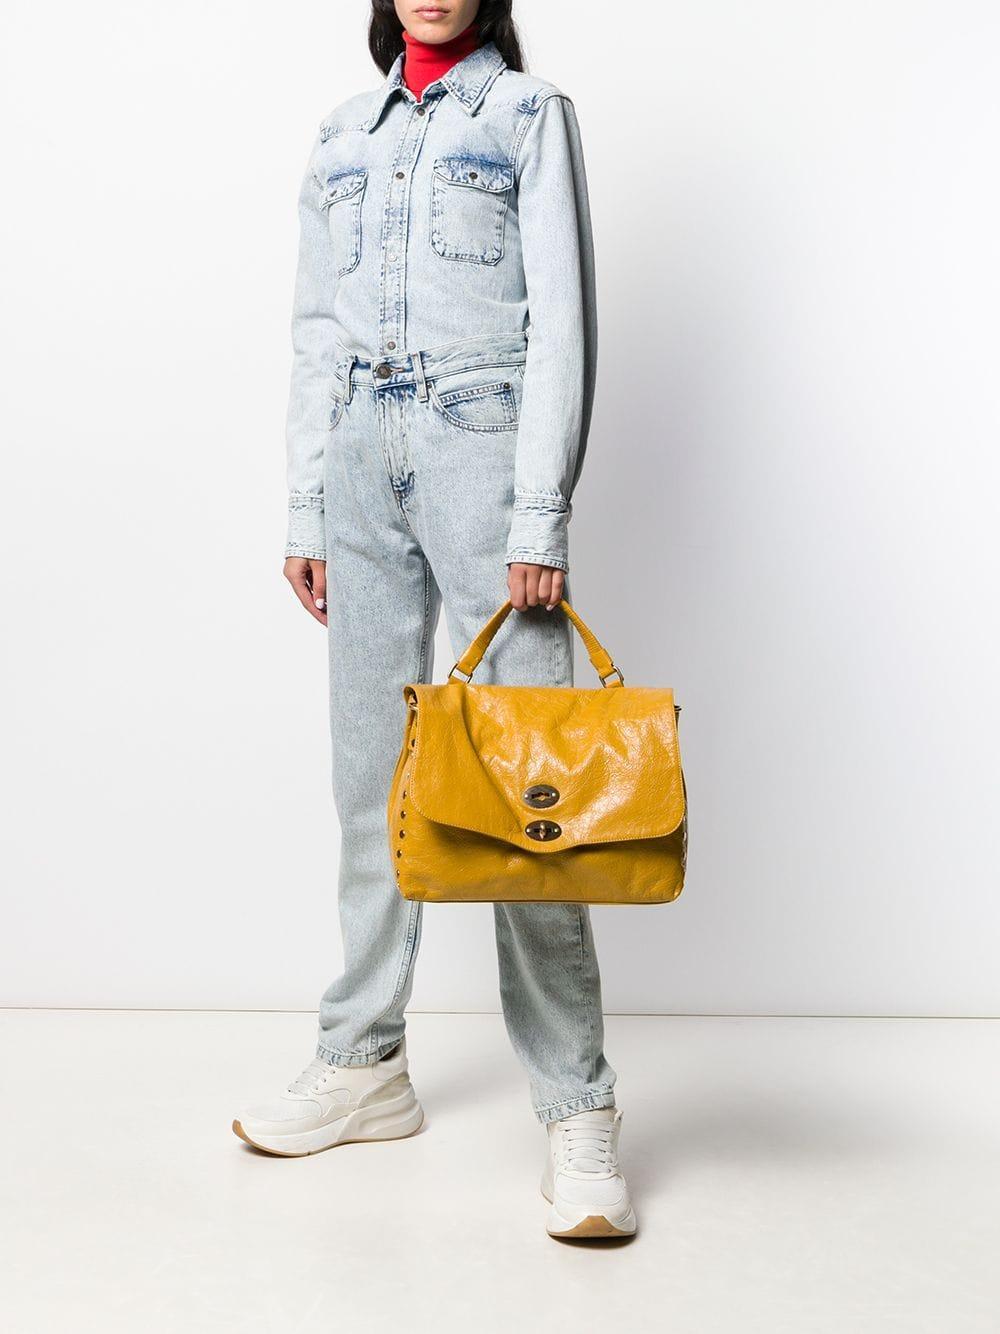 Zanellato Leder Mittelgroße 'Postina' Handtasche in Gelb egaxK